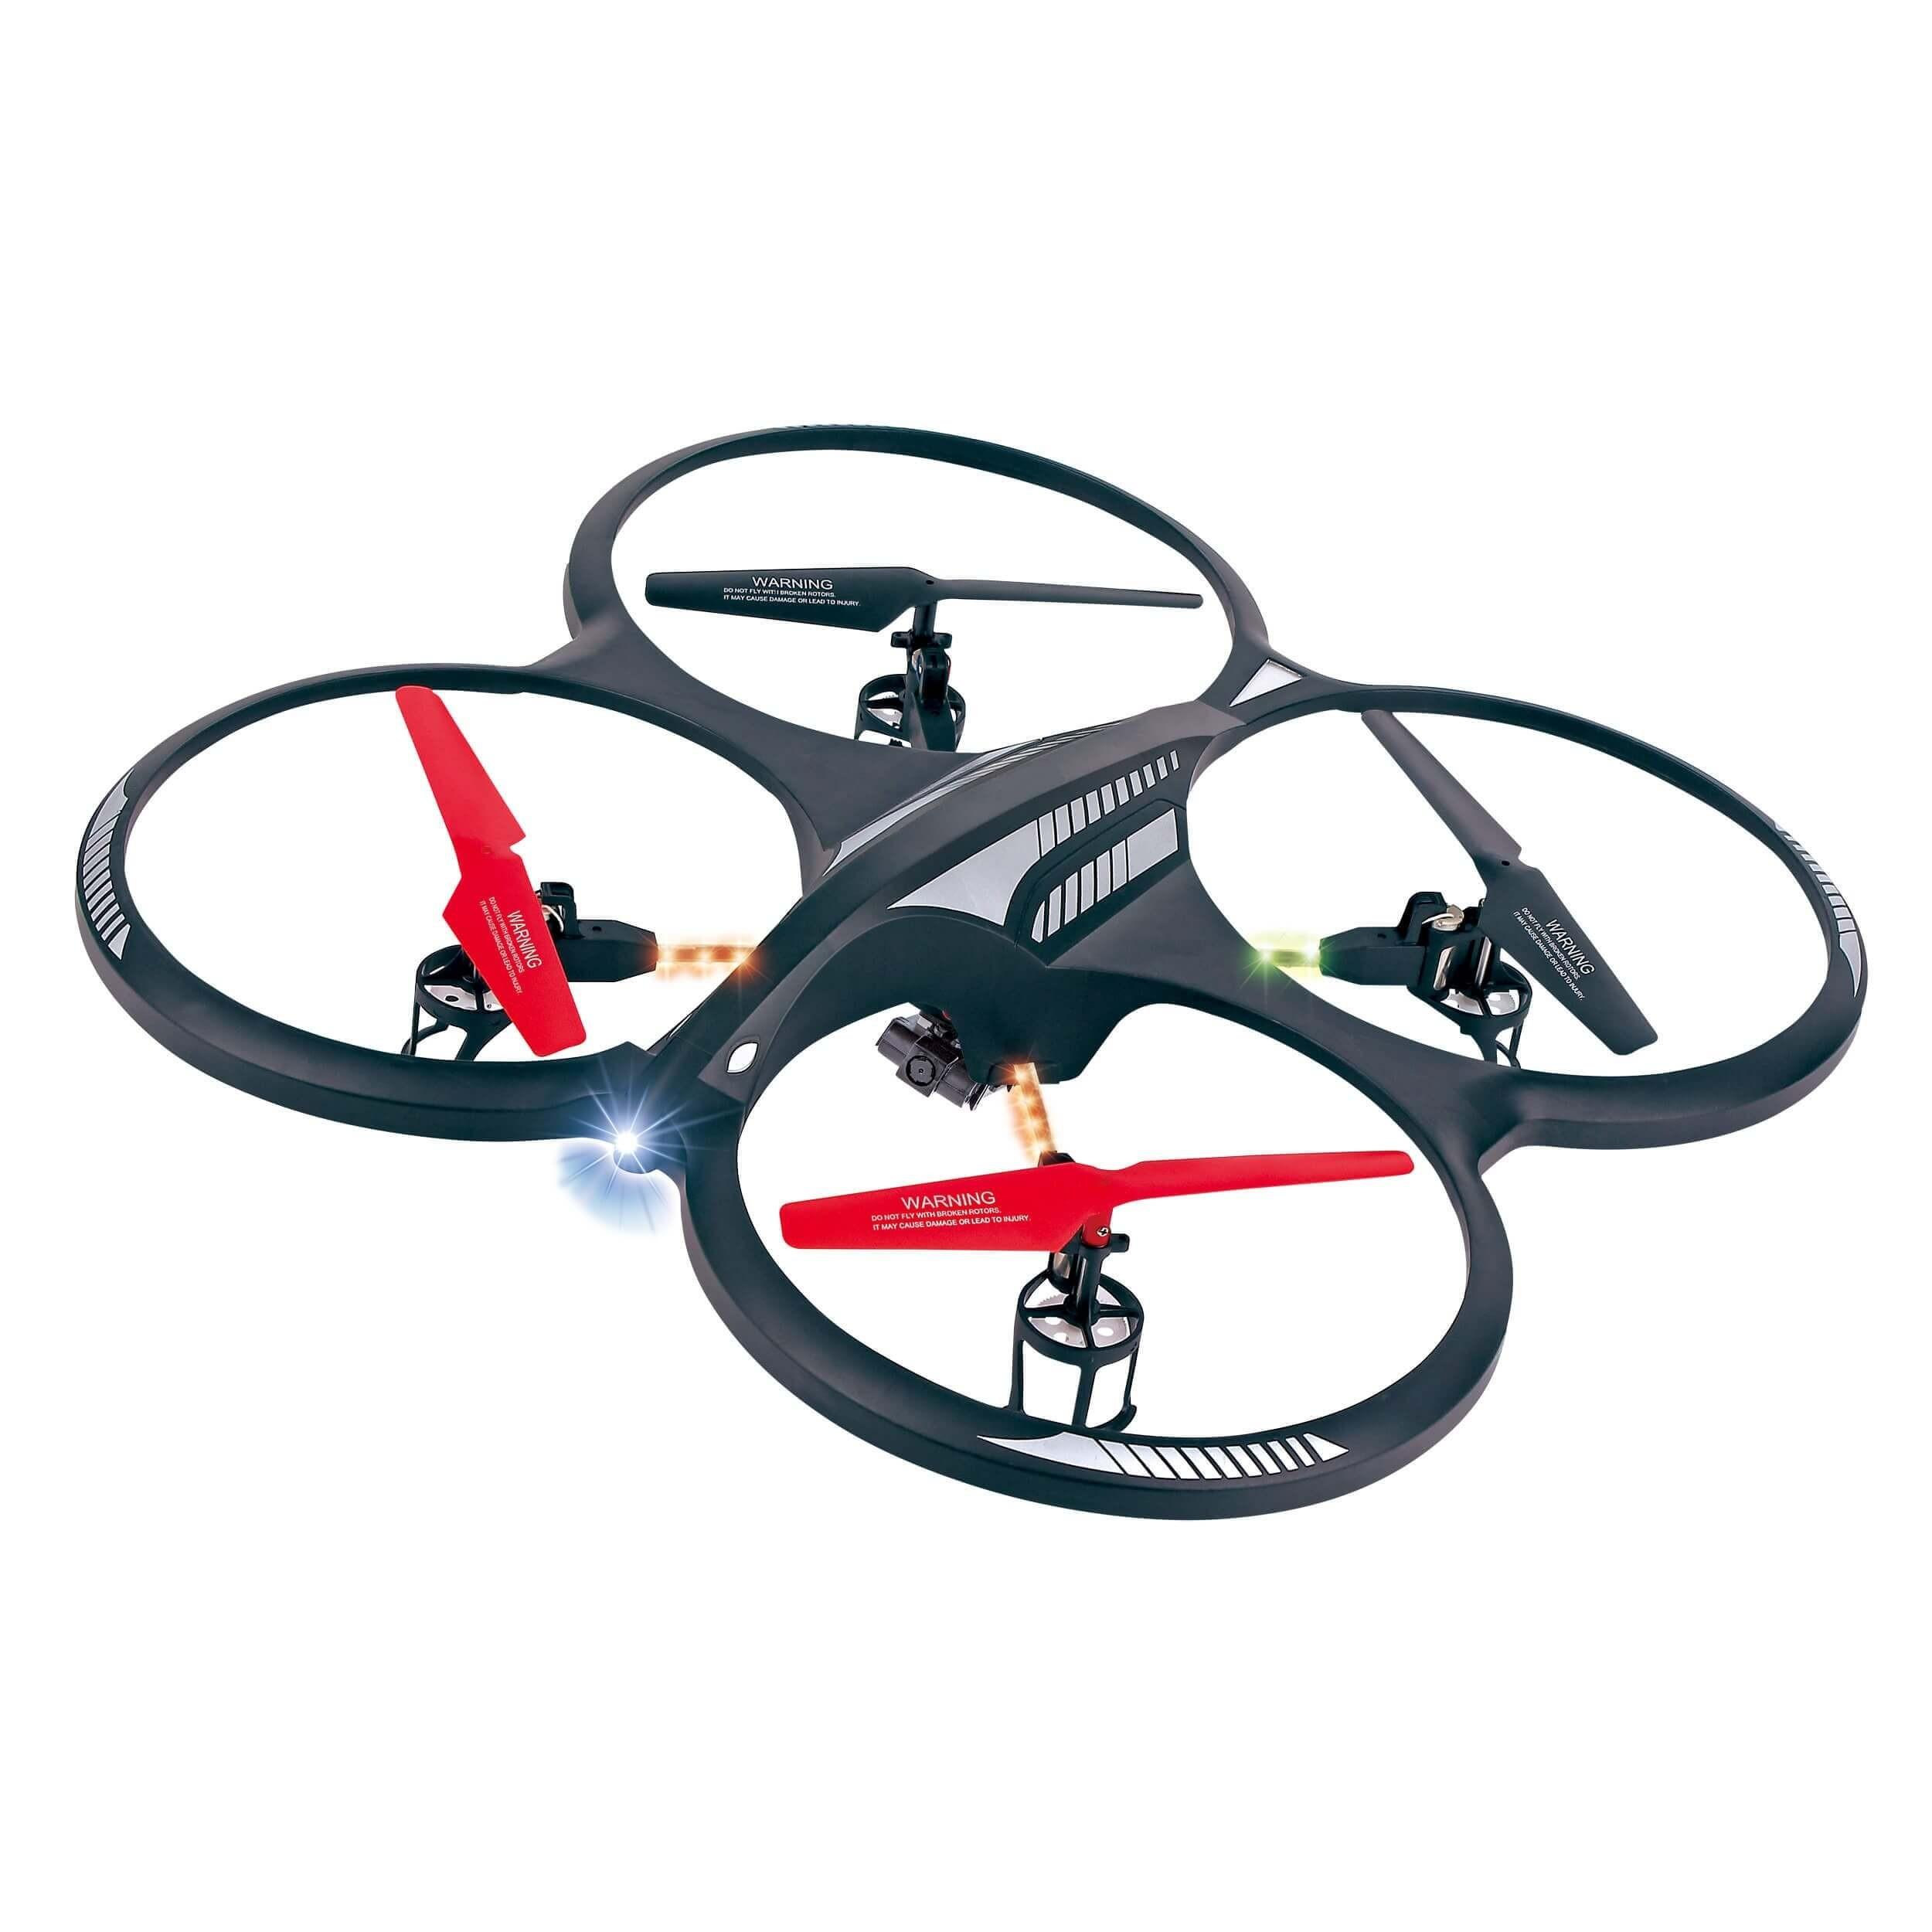 Ansmann X-Drone XL Camera RtF